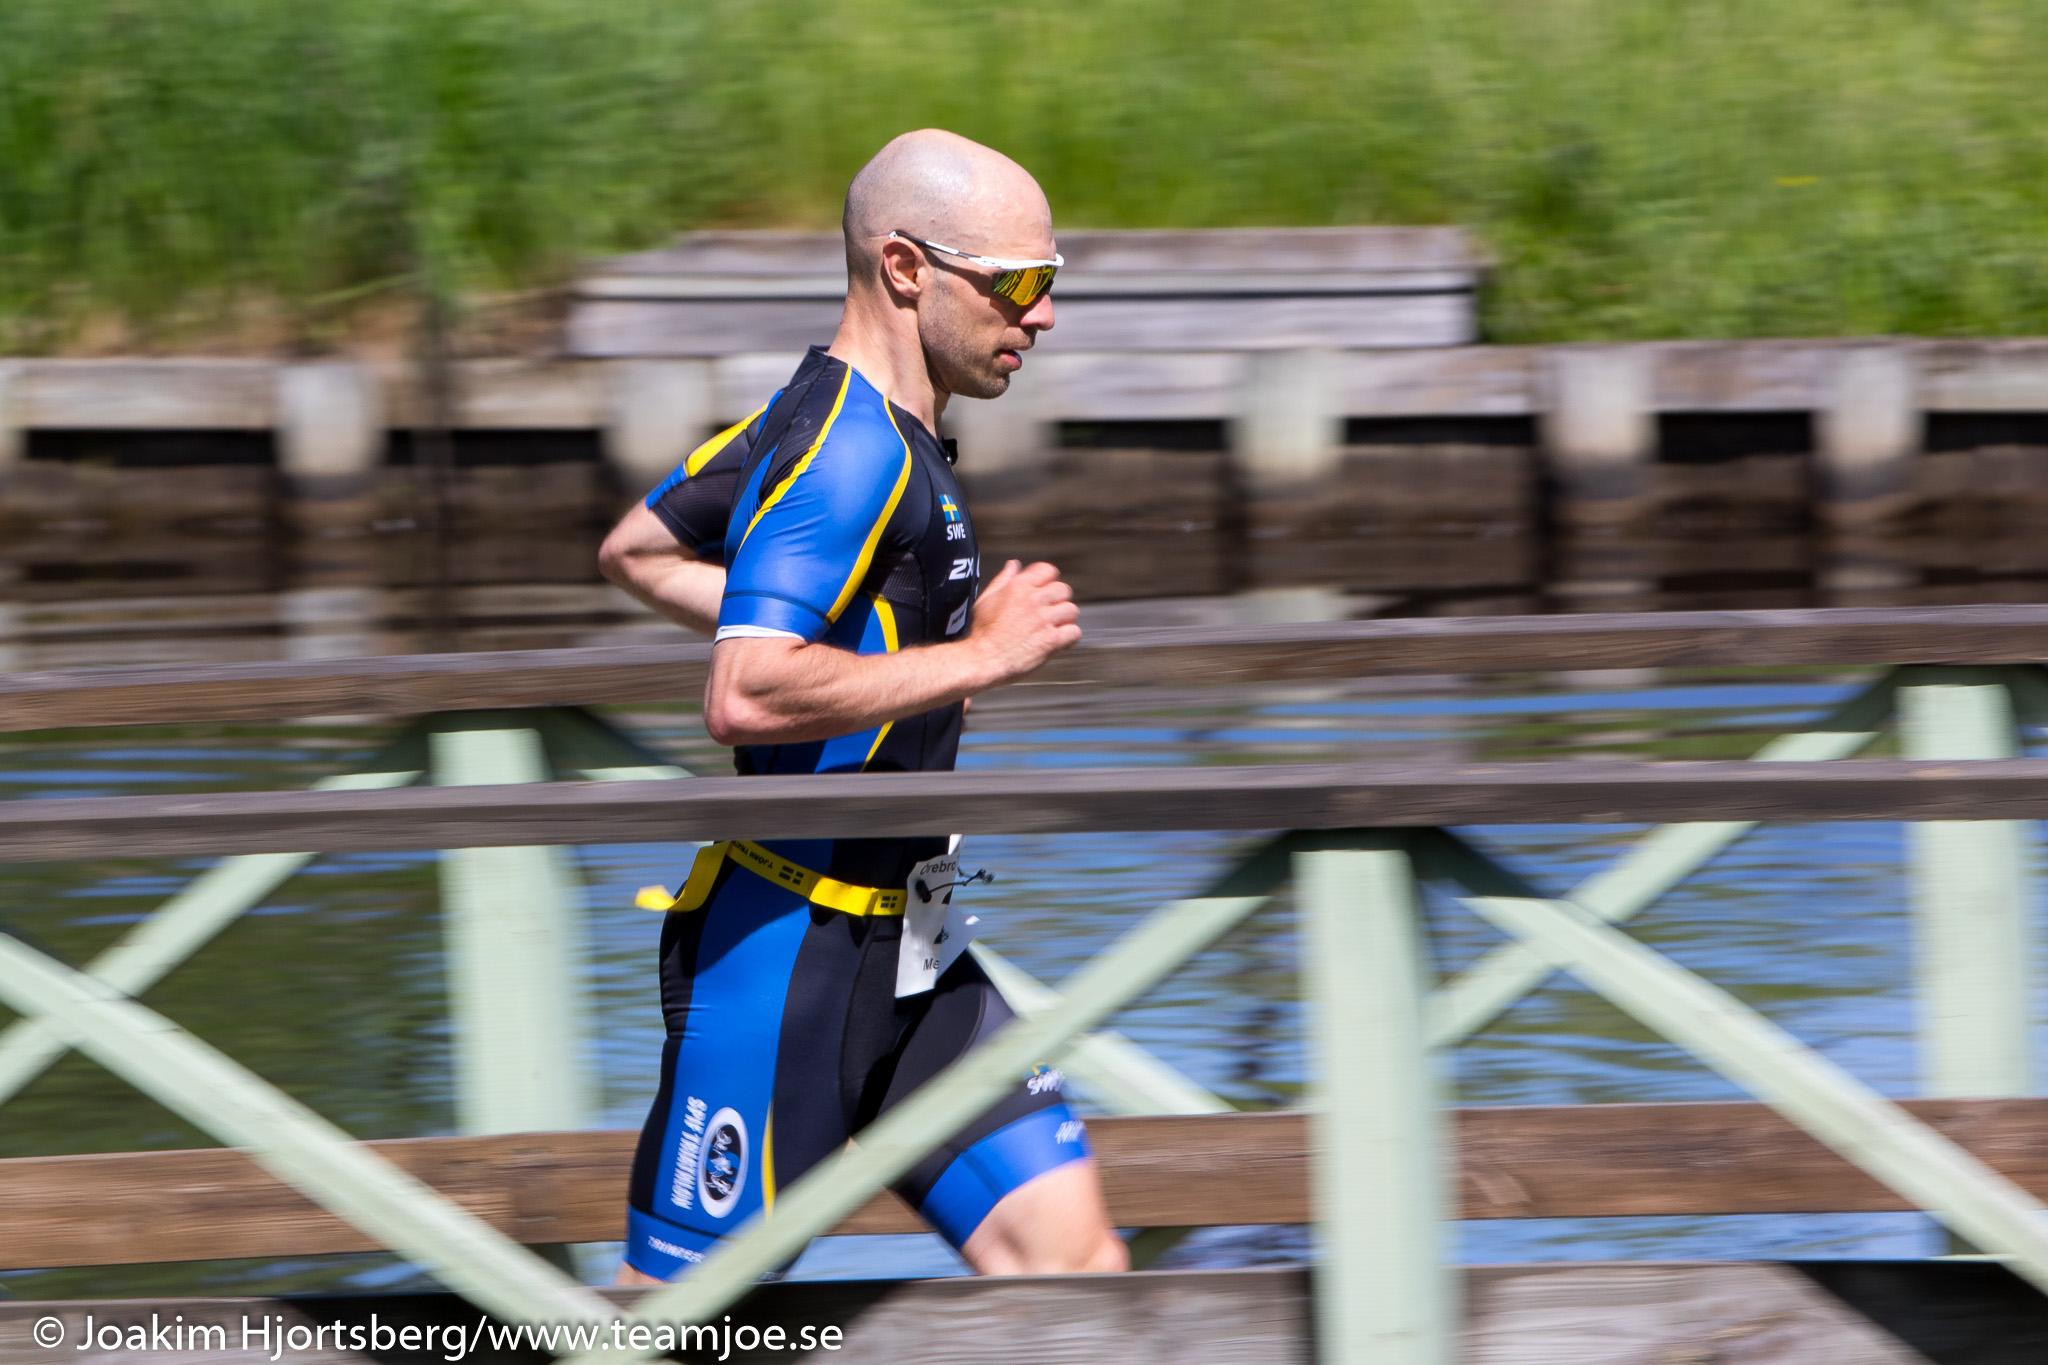 20160606_1258-9 Örebro Triathlon